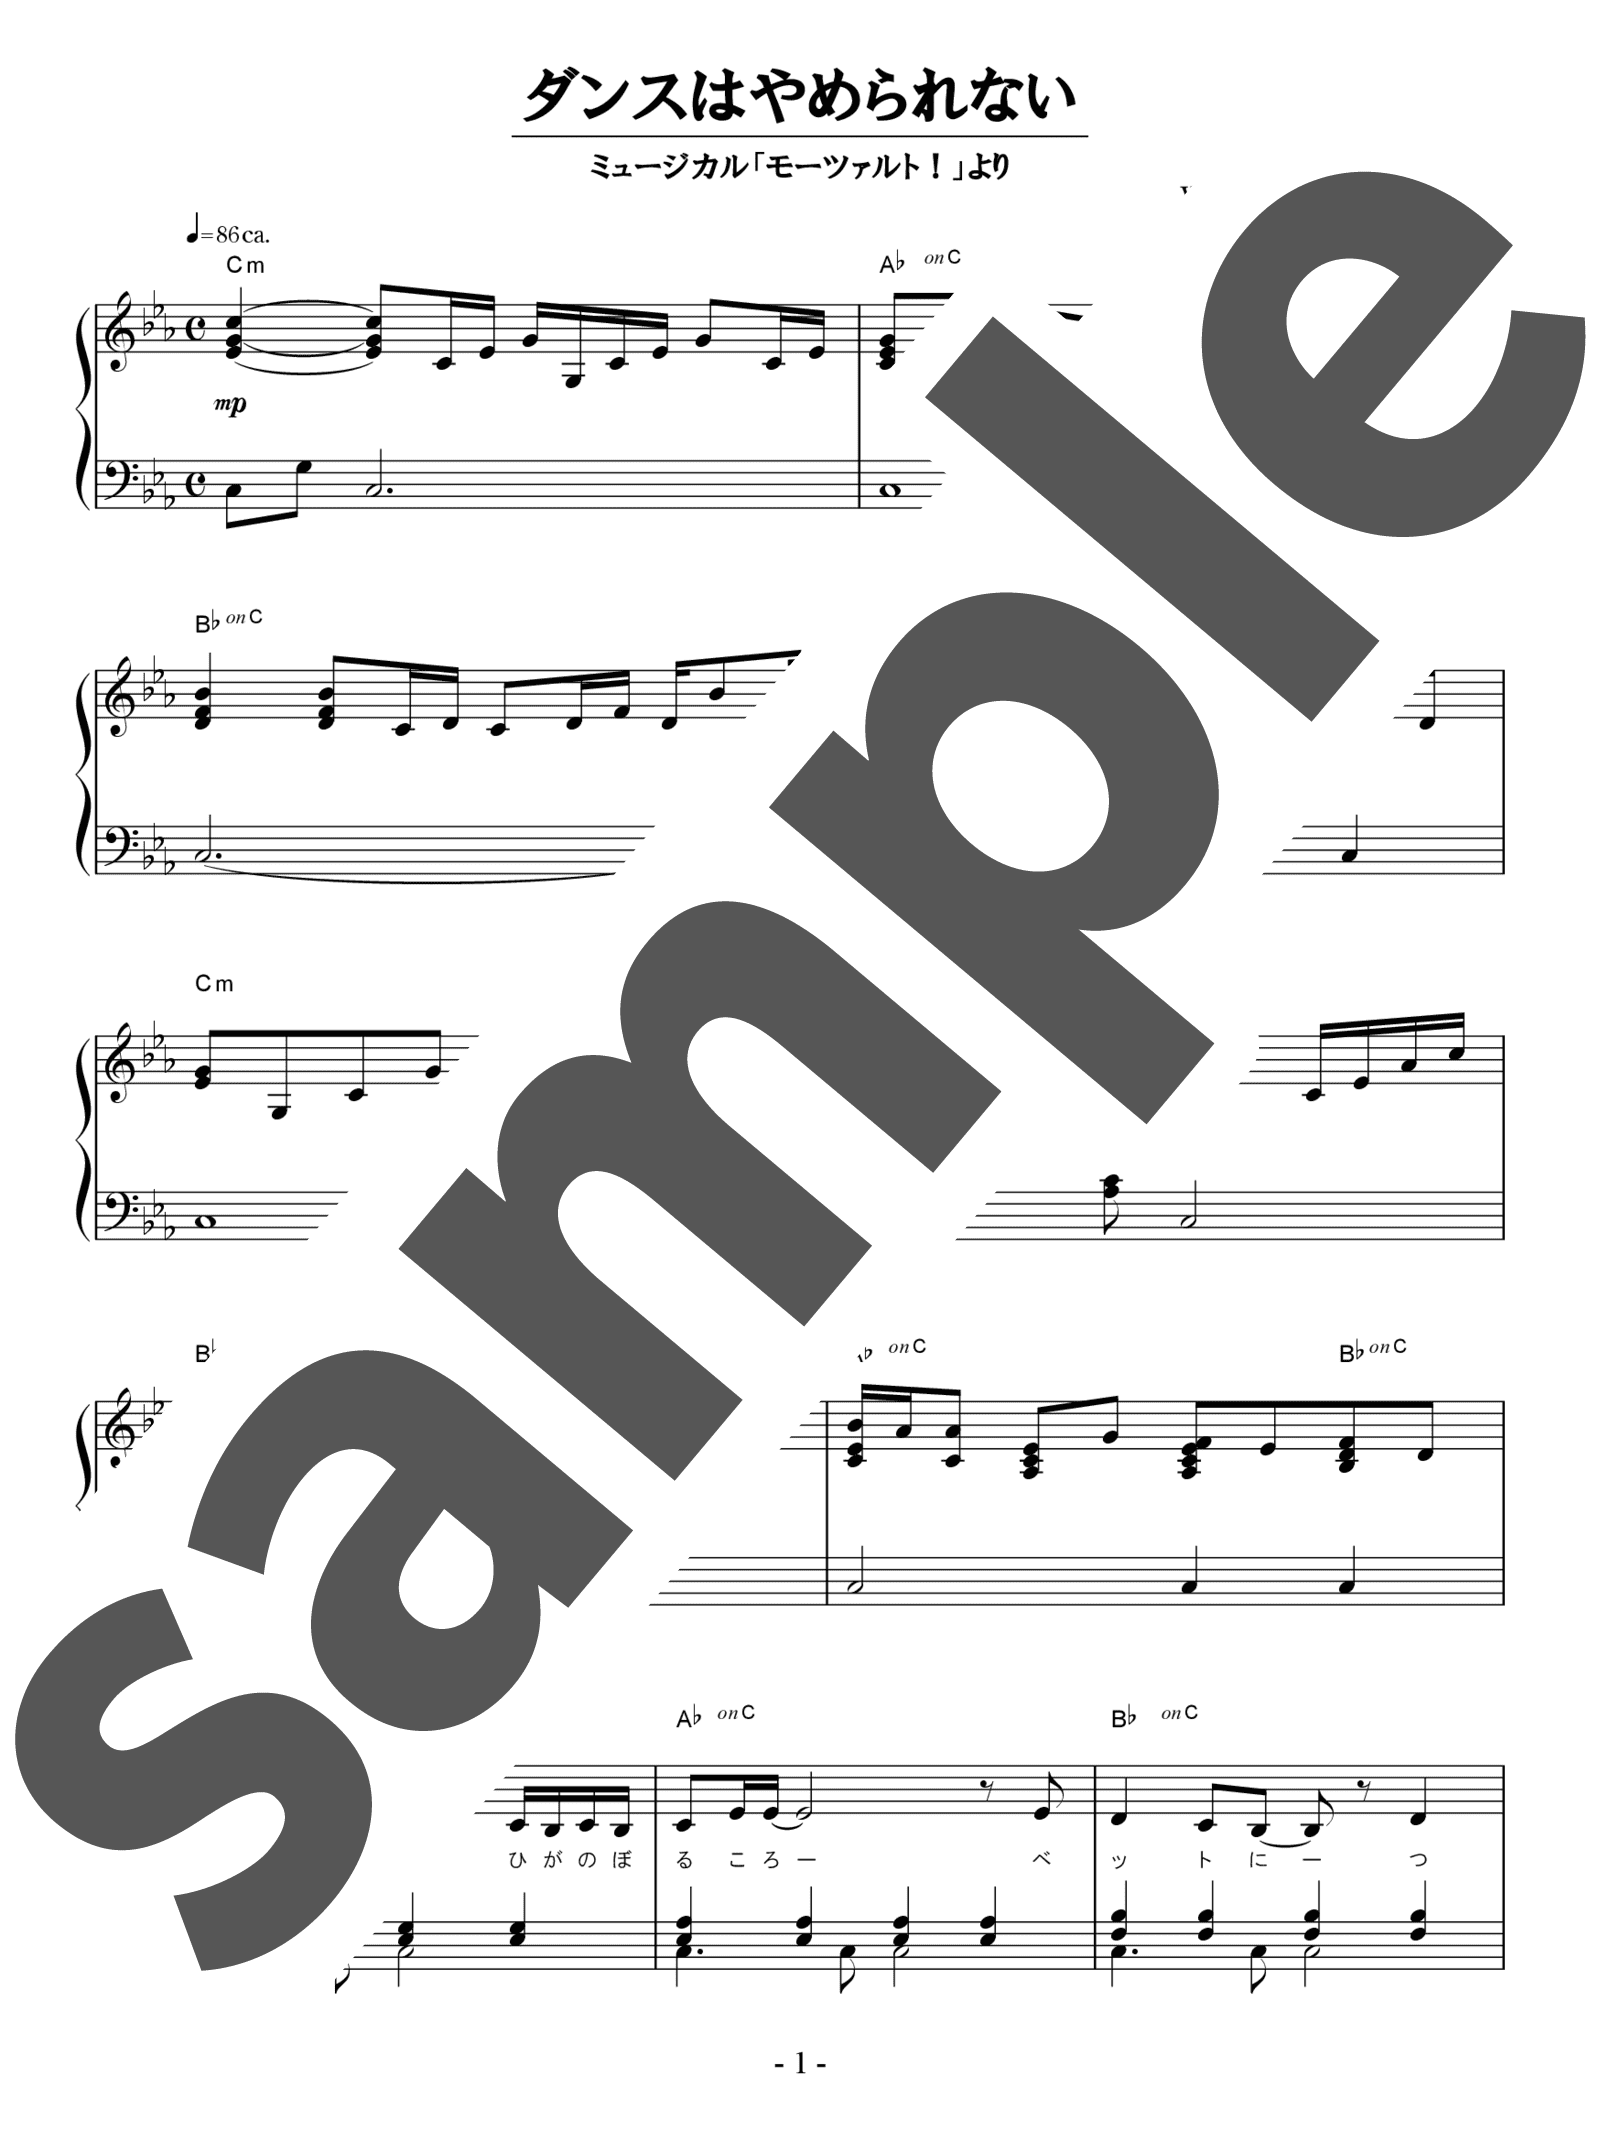 「ダンスはやめられない」のサンプル楽譜